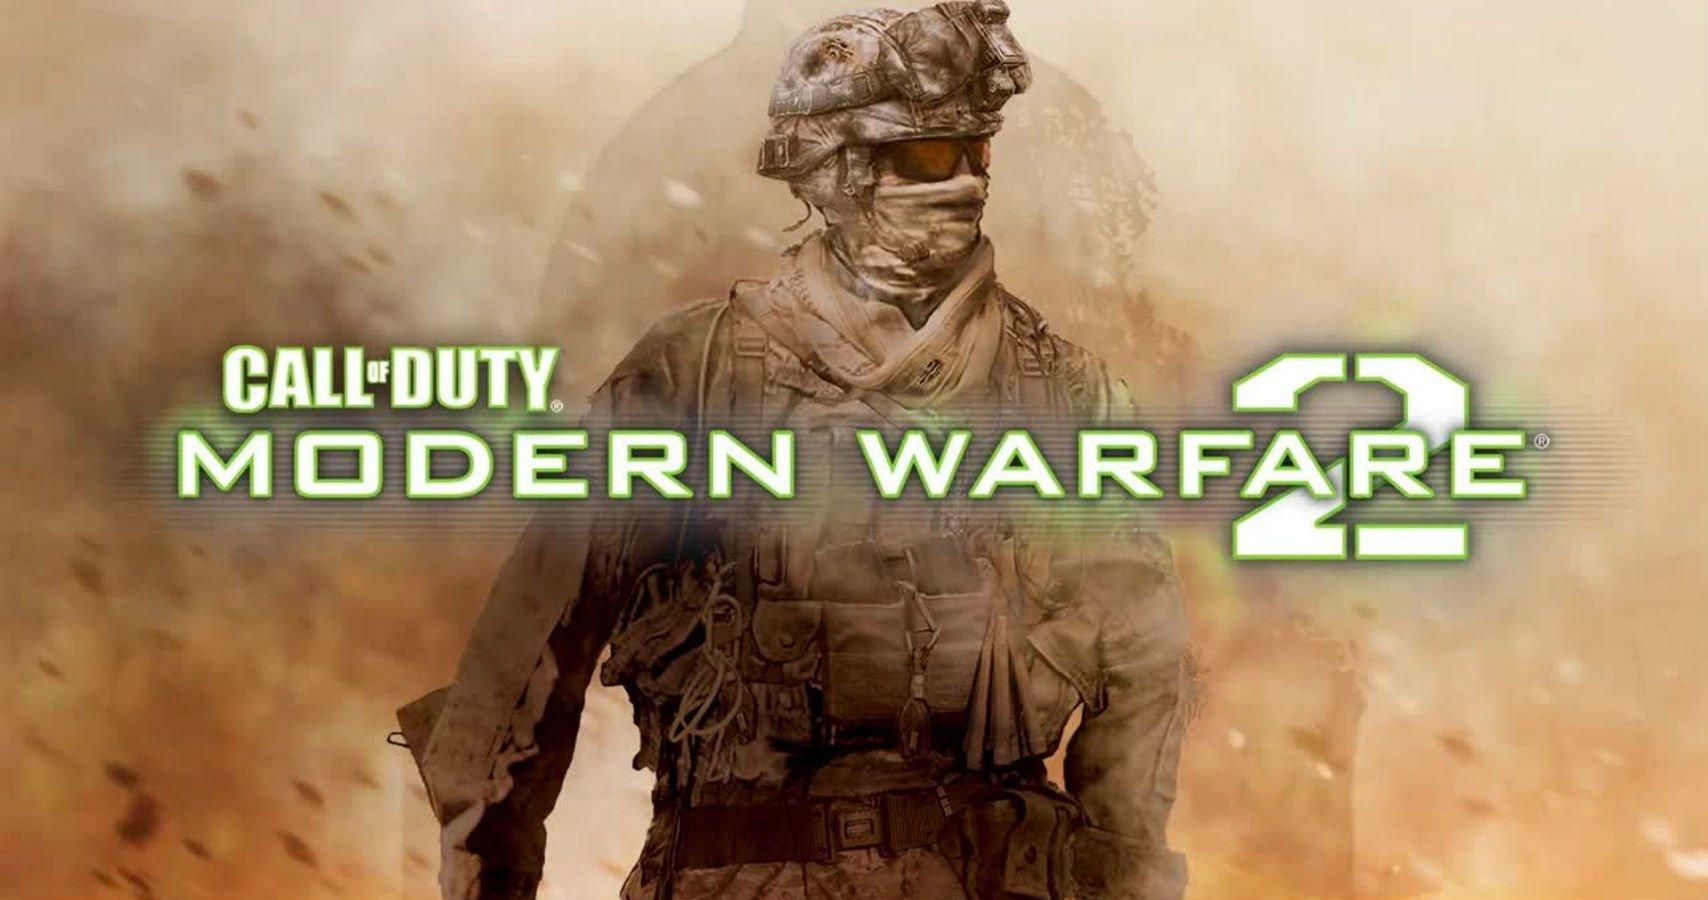 10年前的今天 《使命召唤6:现代战争2》发售了